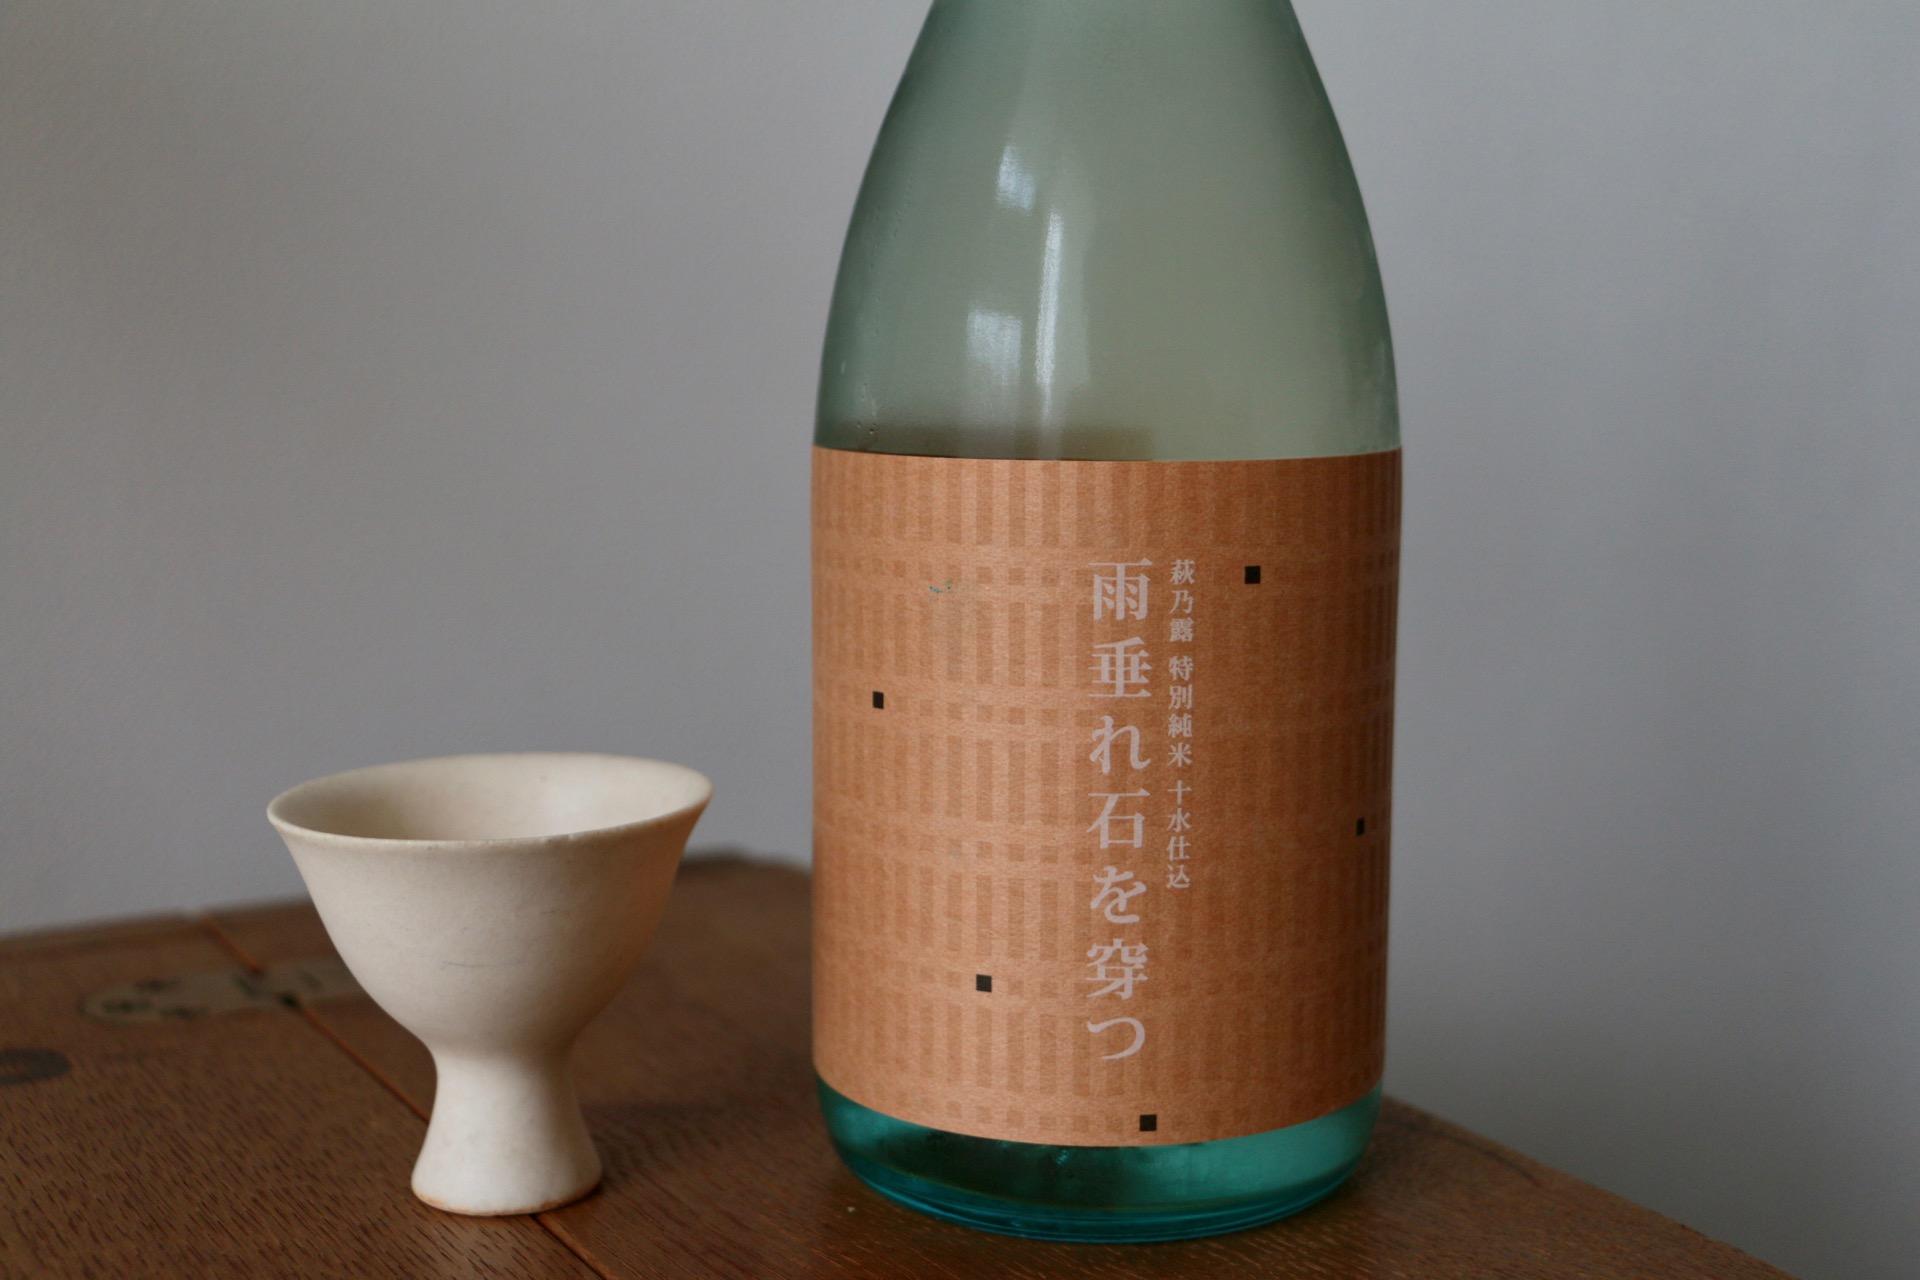 萩乃露 特別純米 十水仕込 雨垂れ石を穿つ 生|日本酒テイスティングノート